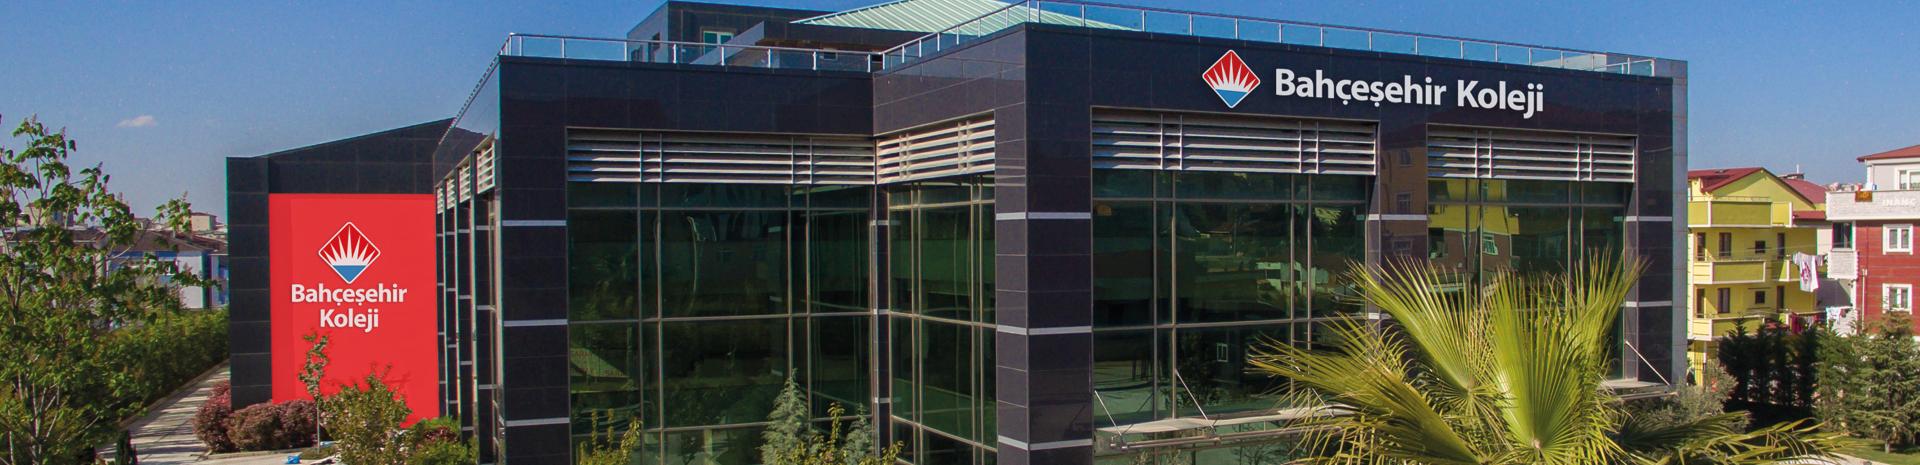 Bahçeşehir Koleji Darıca İlkokulu